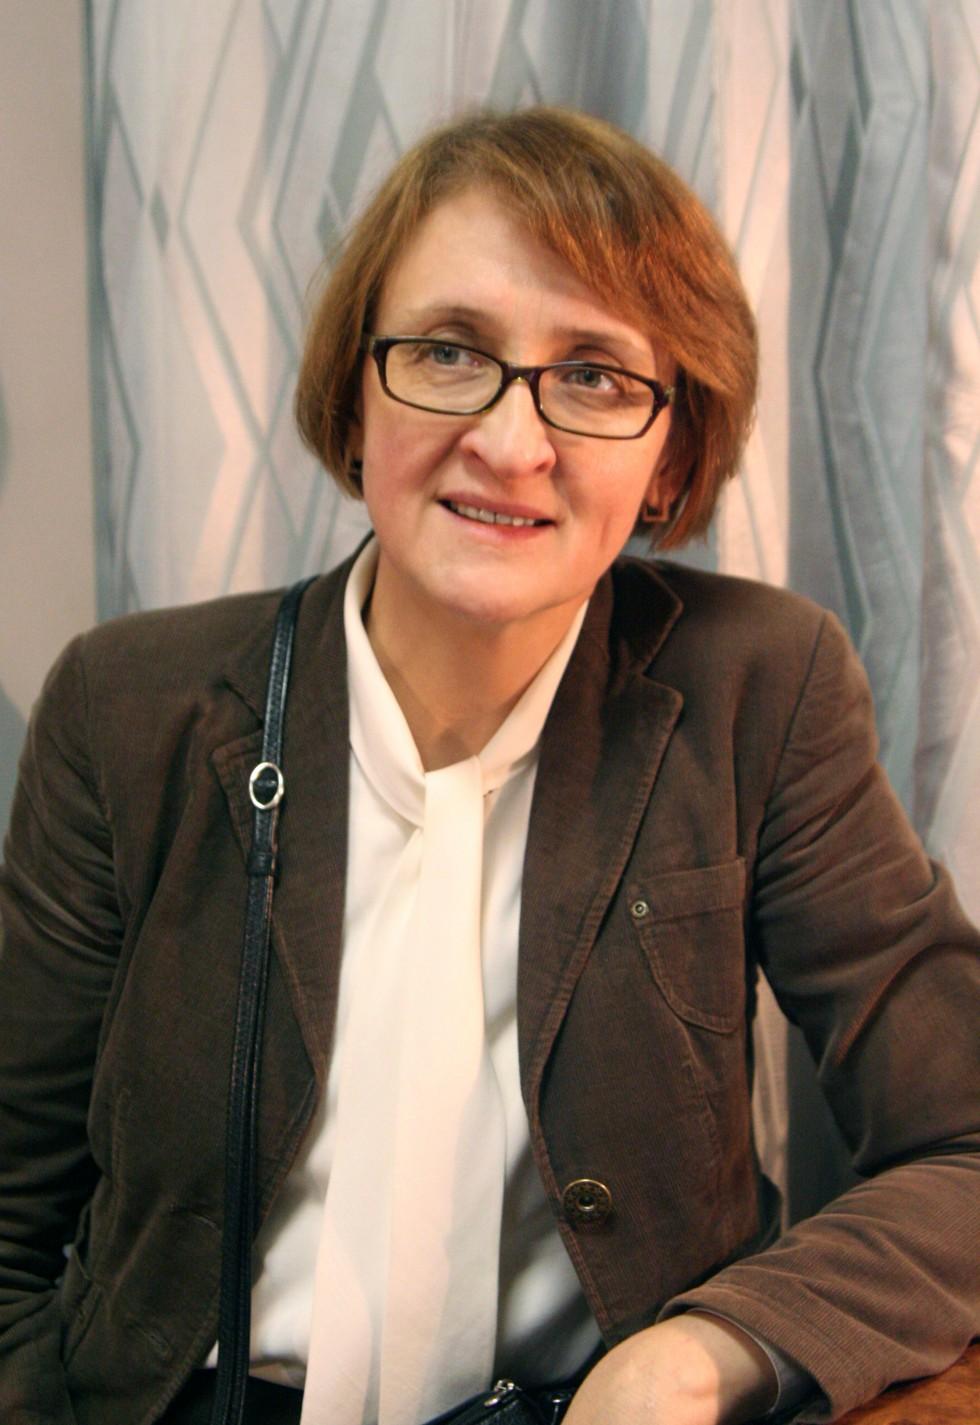 Лариса Мусина, руководитель учебно-методического отдела СФИ, заведующий кафедрой Священного писания и библейских дисциплин